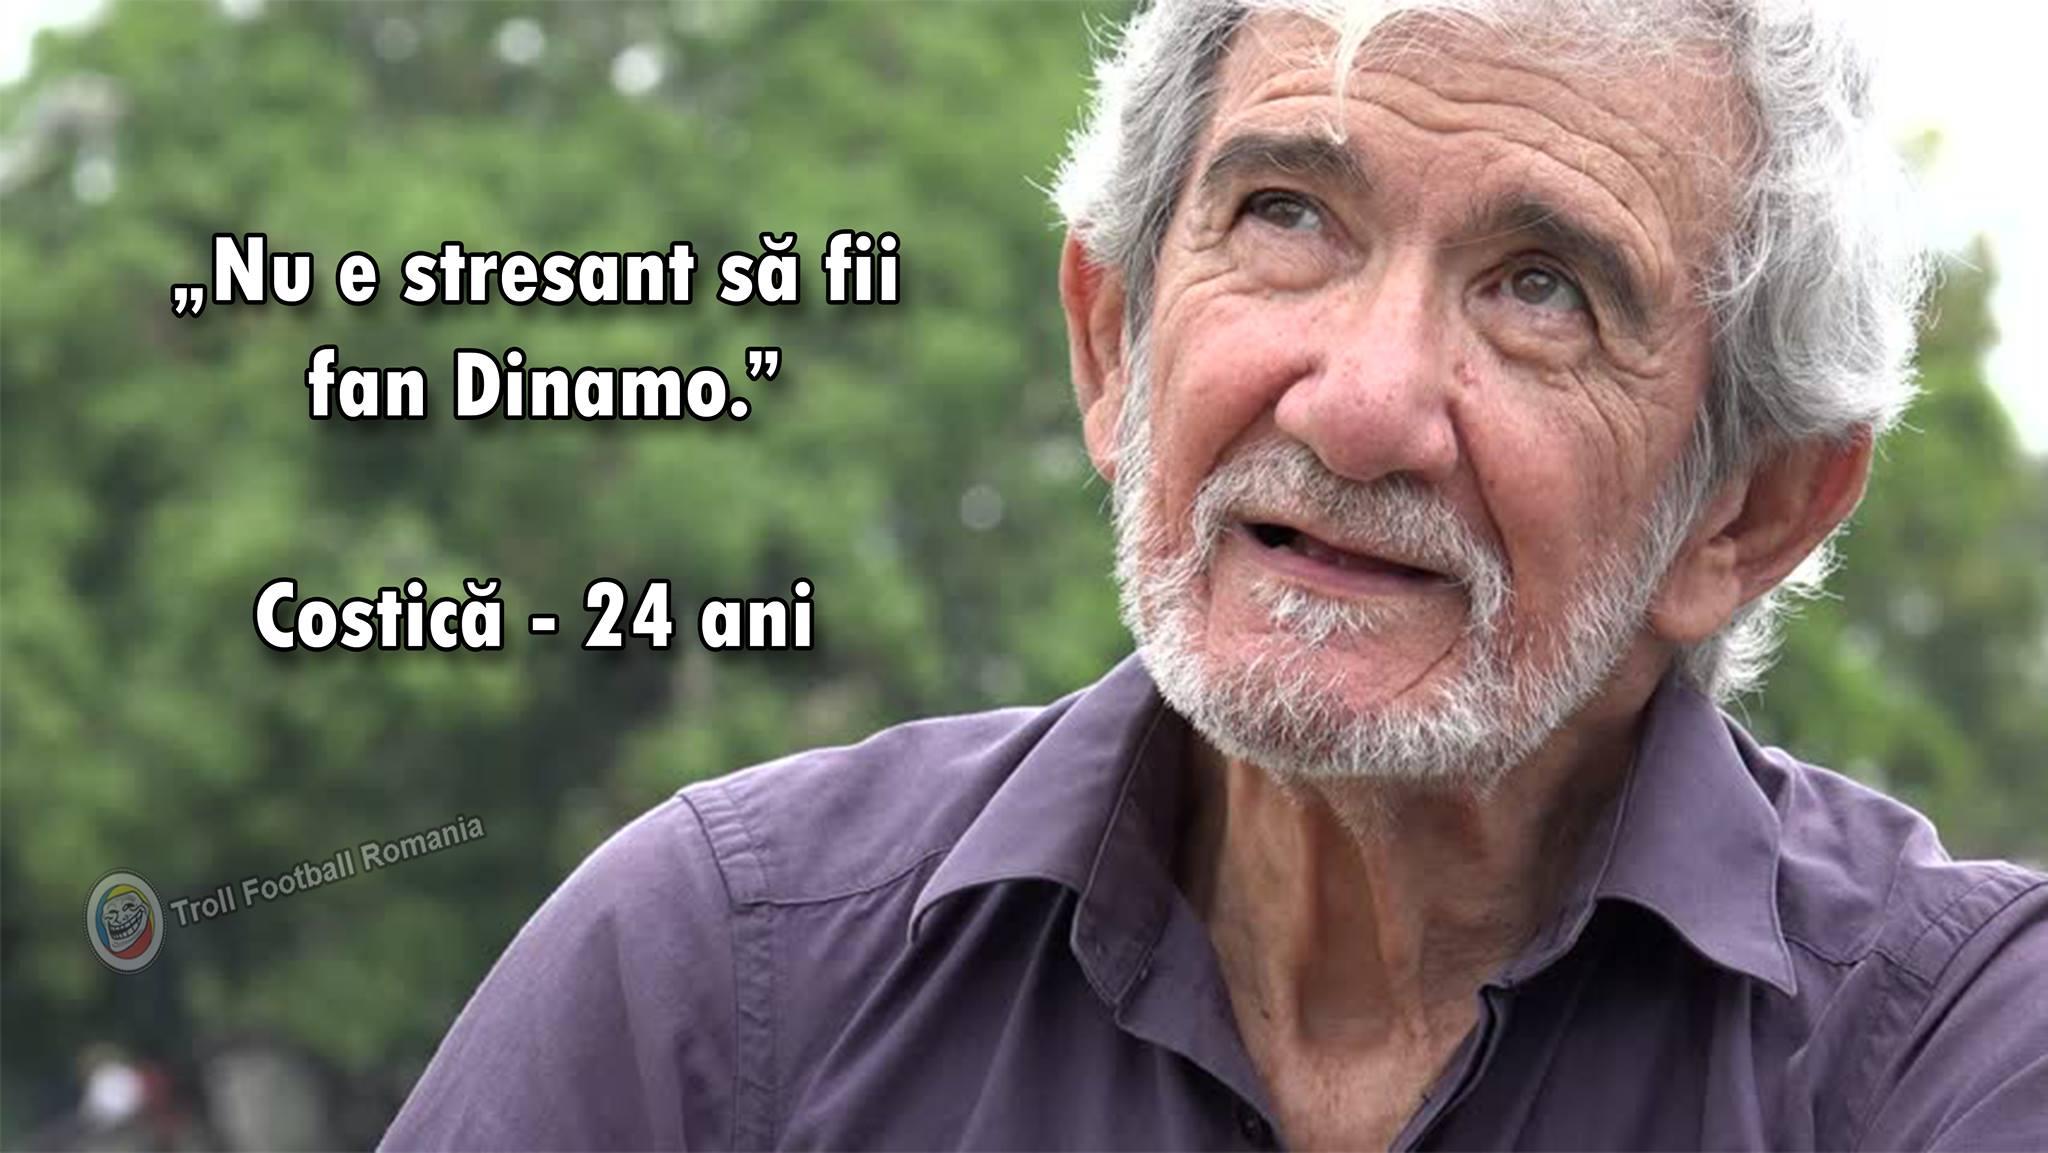 O fotografie apărută pe internet după ce Dinamo a fost eliminată de ce glume au apărut pe internet după Csikszereda. În imagine un bătrân care spune că nu e stresant să fii suporter Dinamo şi se spune ca ar avea 24 de ani